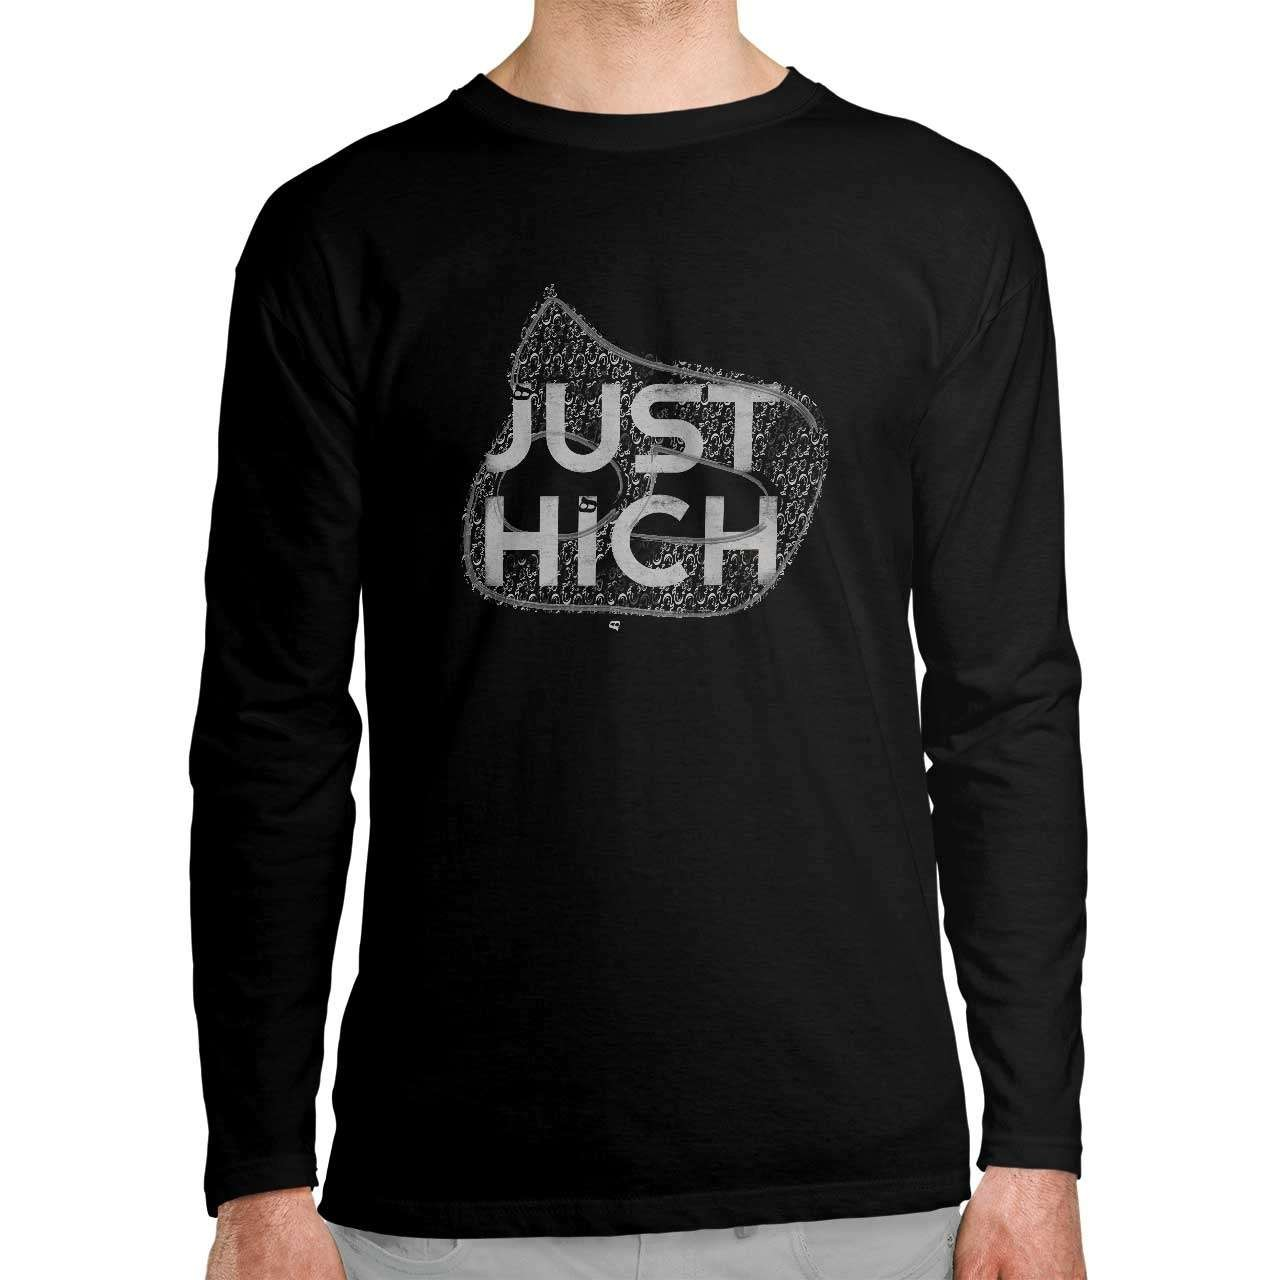 تی شرت آستین بلند طرح Just Hich - هیچ...